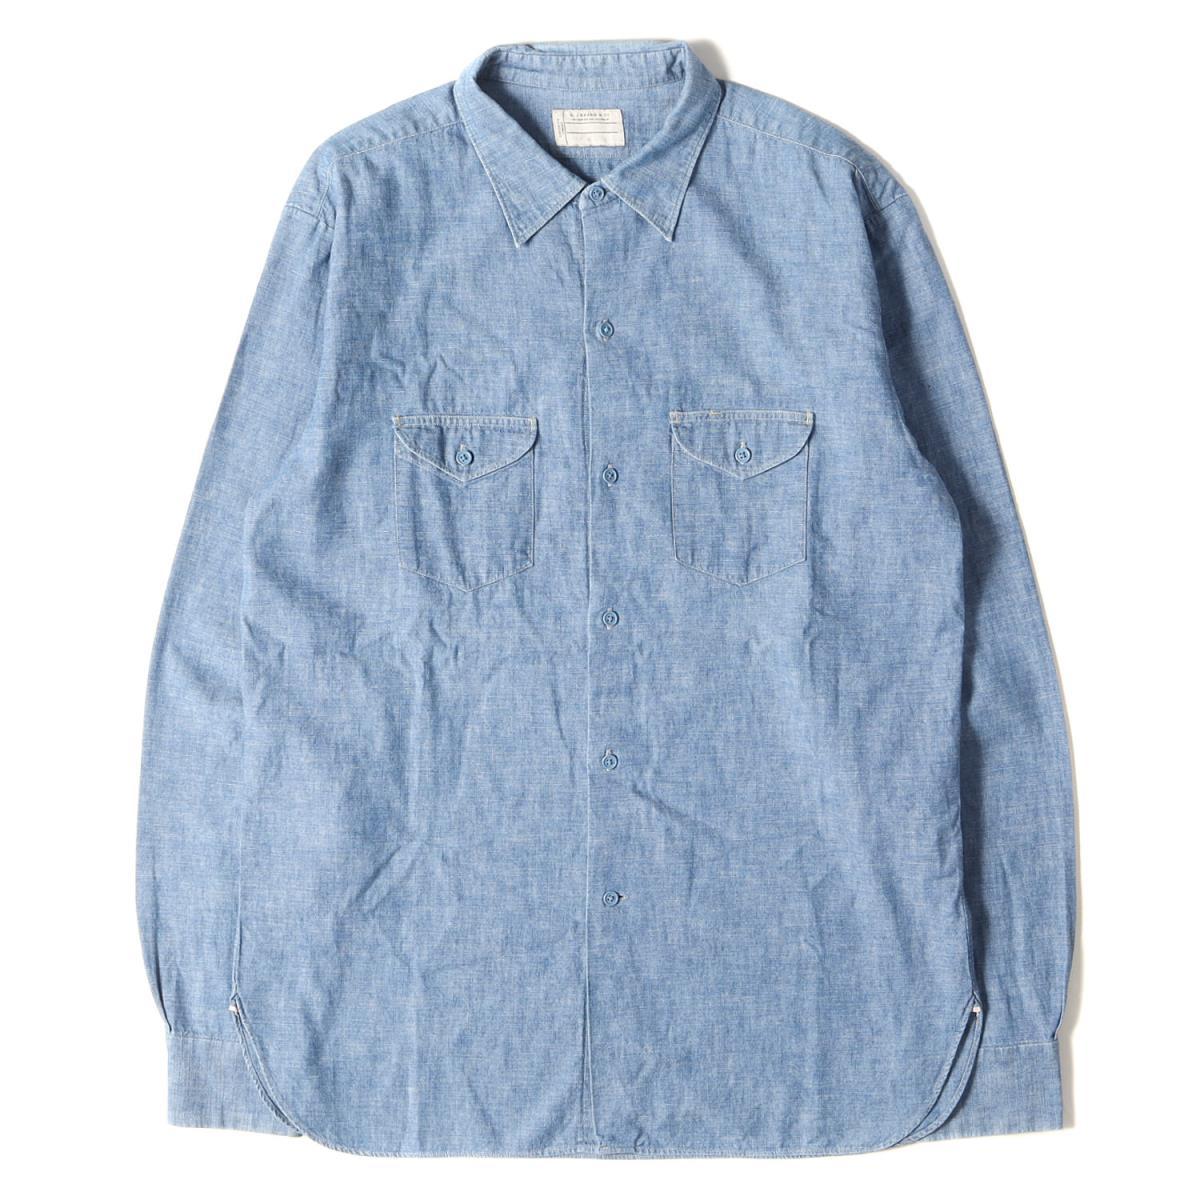 トップス, カジュアルシャツ Old Joe 15 12(M) K3150